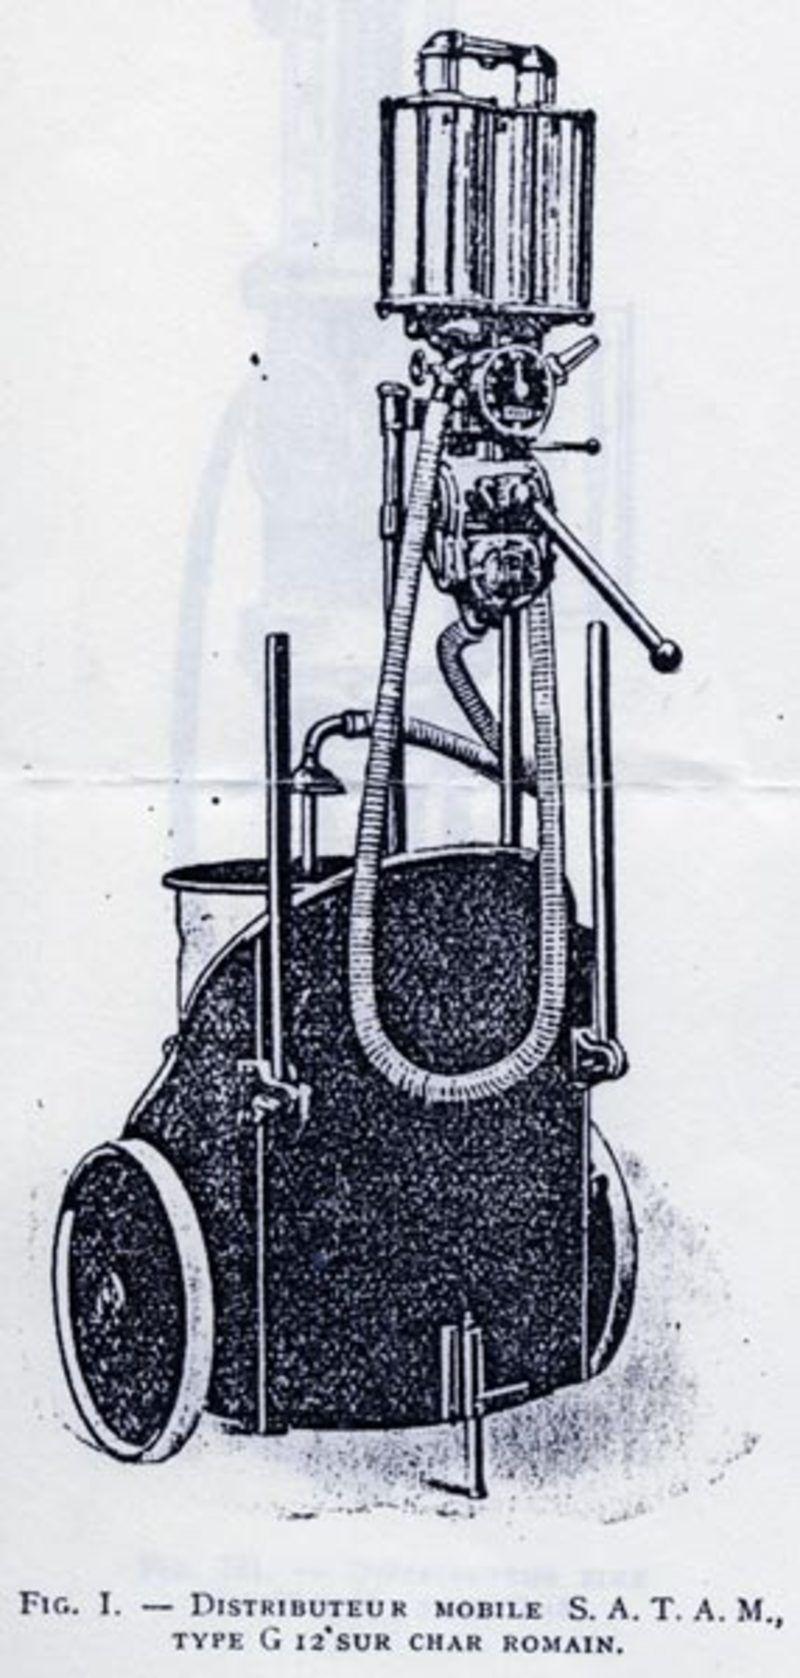 Char-romain-SATAM-1926.jpg